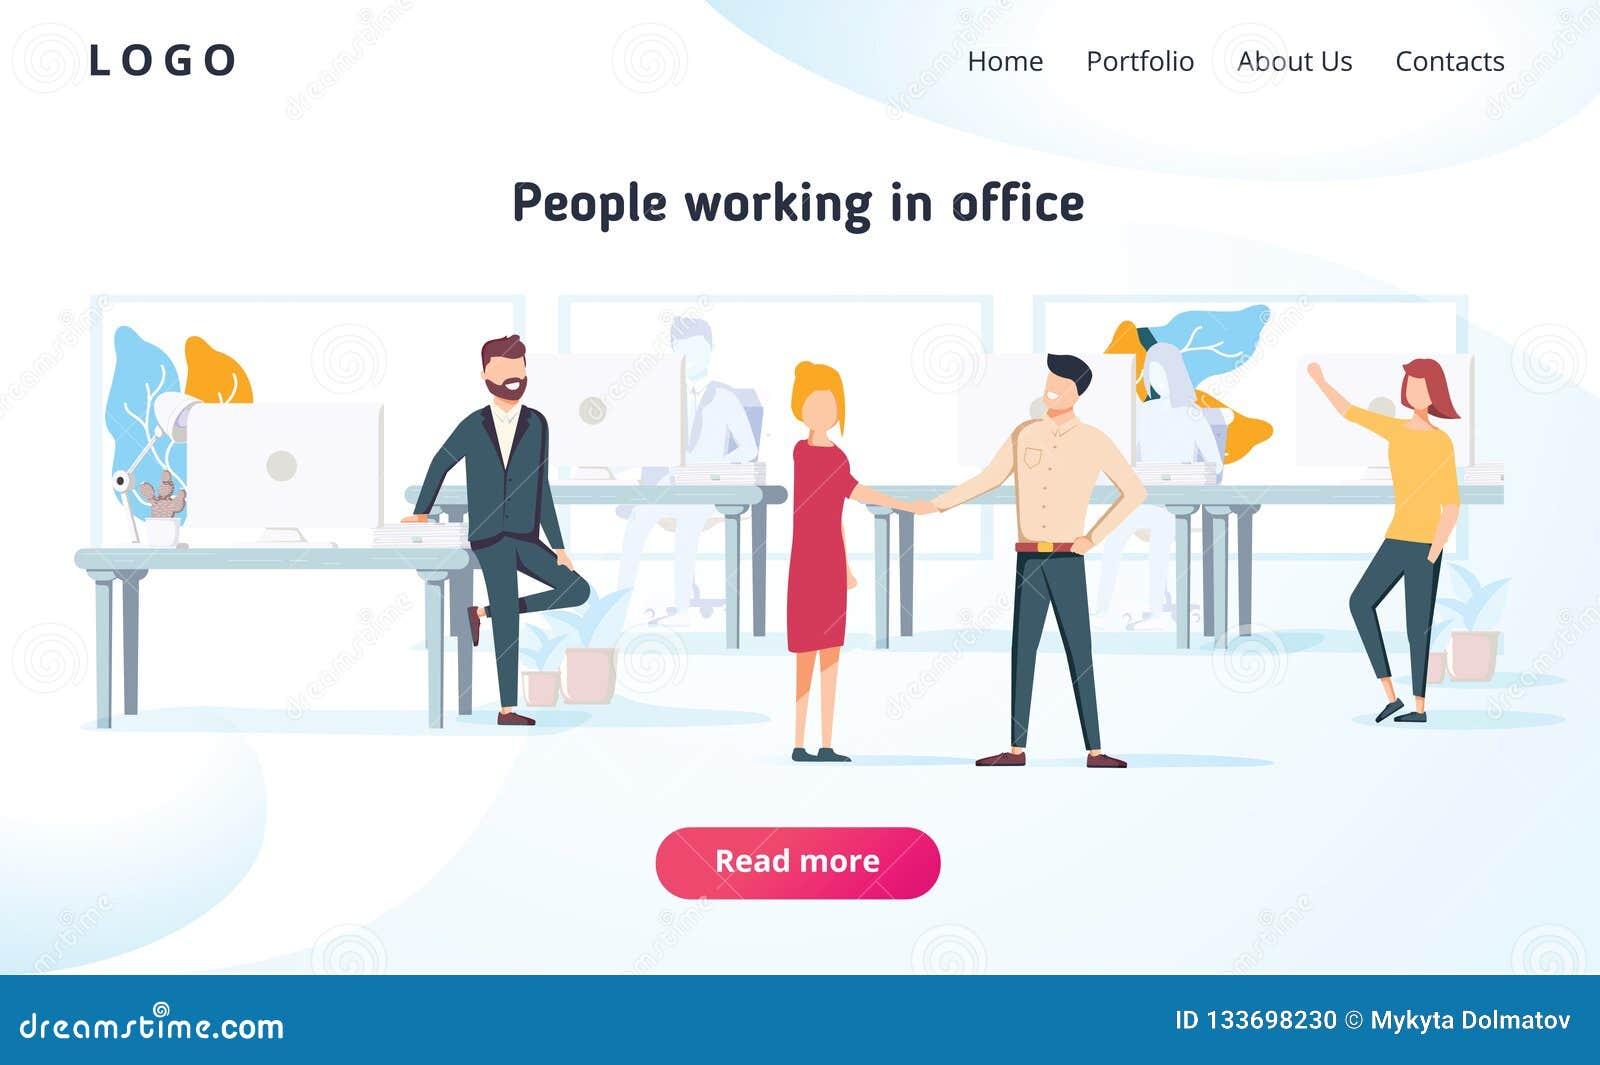 人们在办公室工作并且与设备互动 事务、工作流管理和办公室情况 着陆页